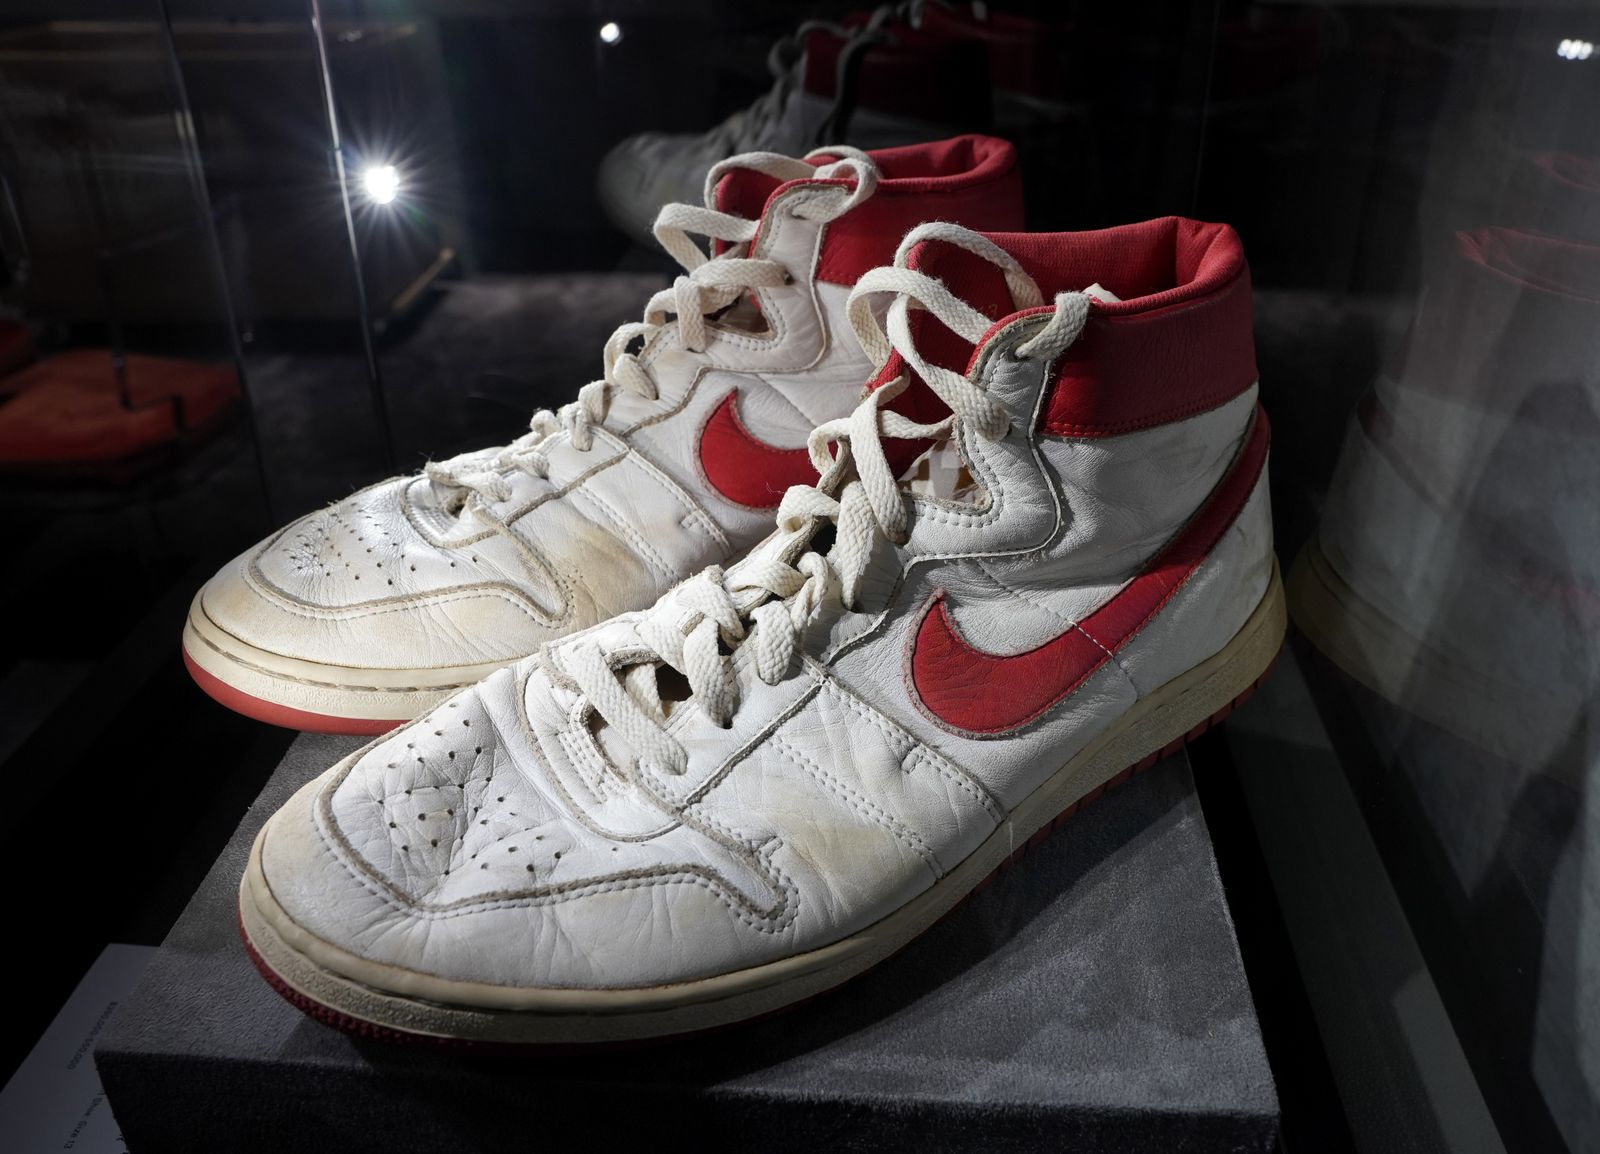 Subastan en NYC 11 pares de zapatillas de Michael Jordan, otro récord en vista